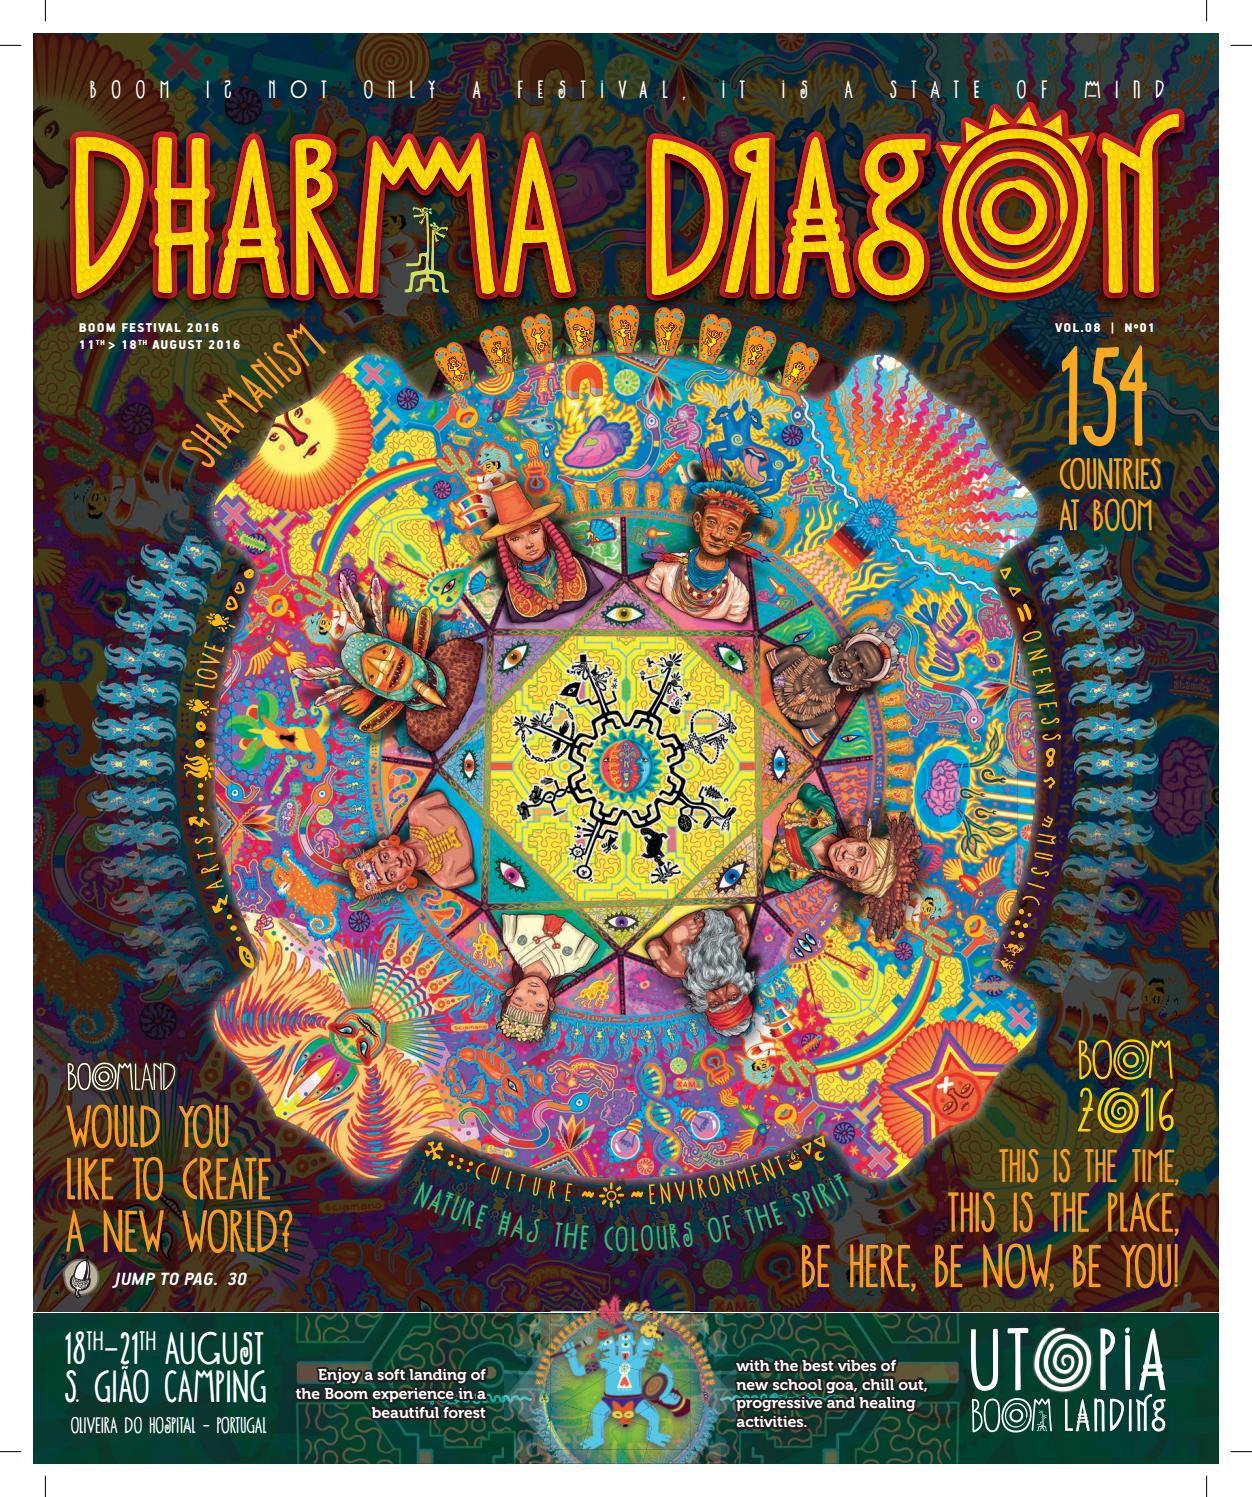 Dharma Dragon 2016